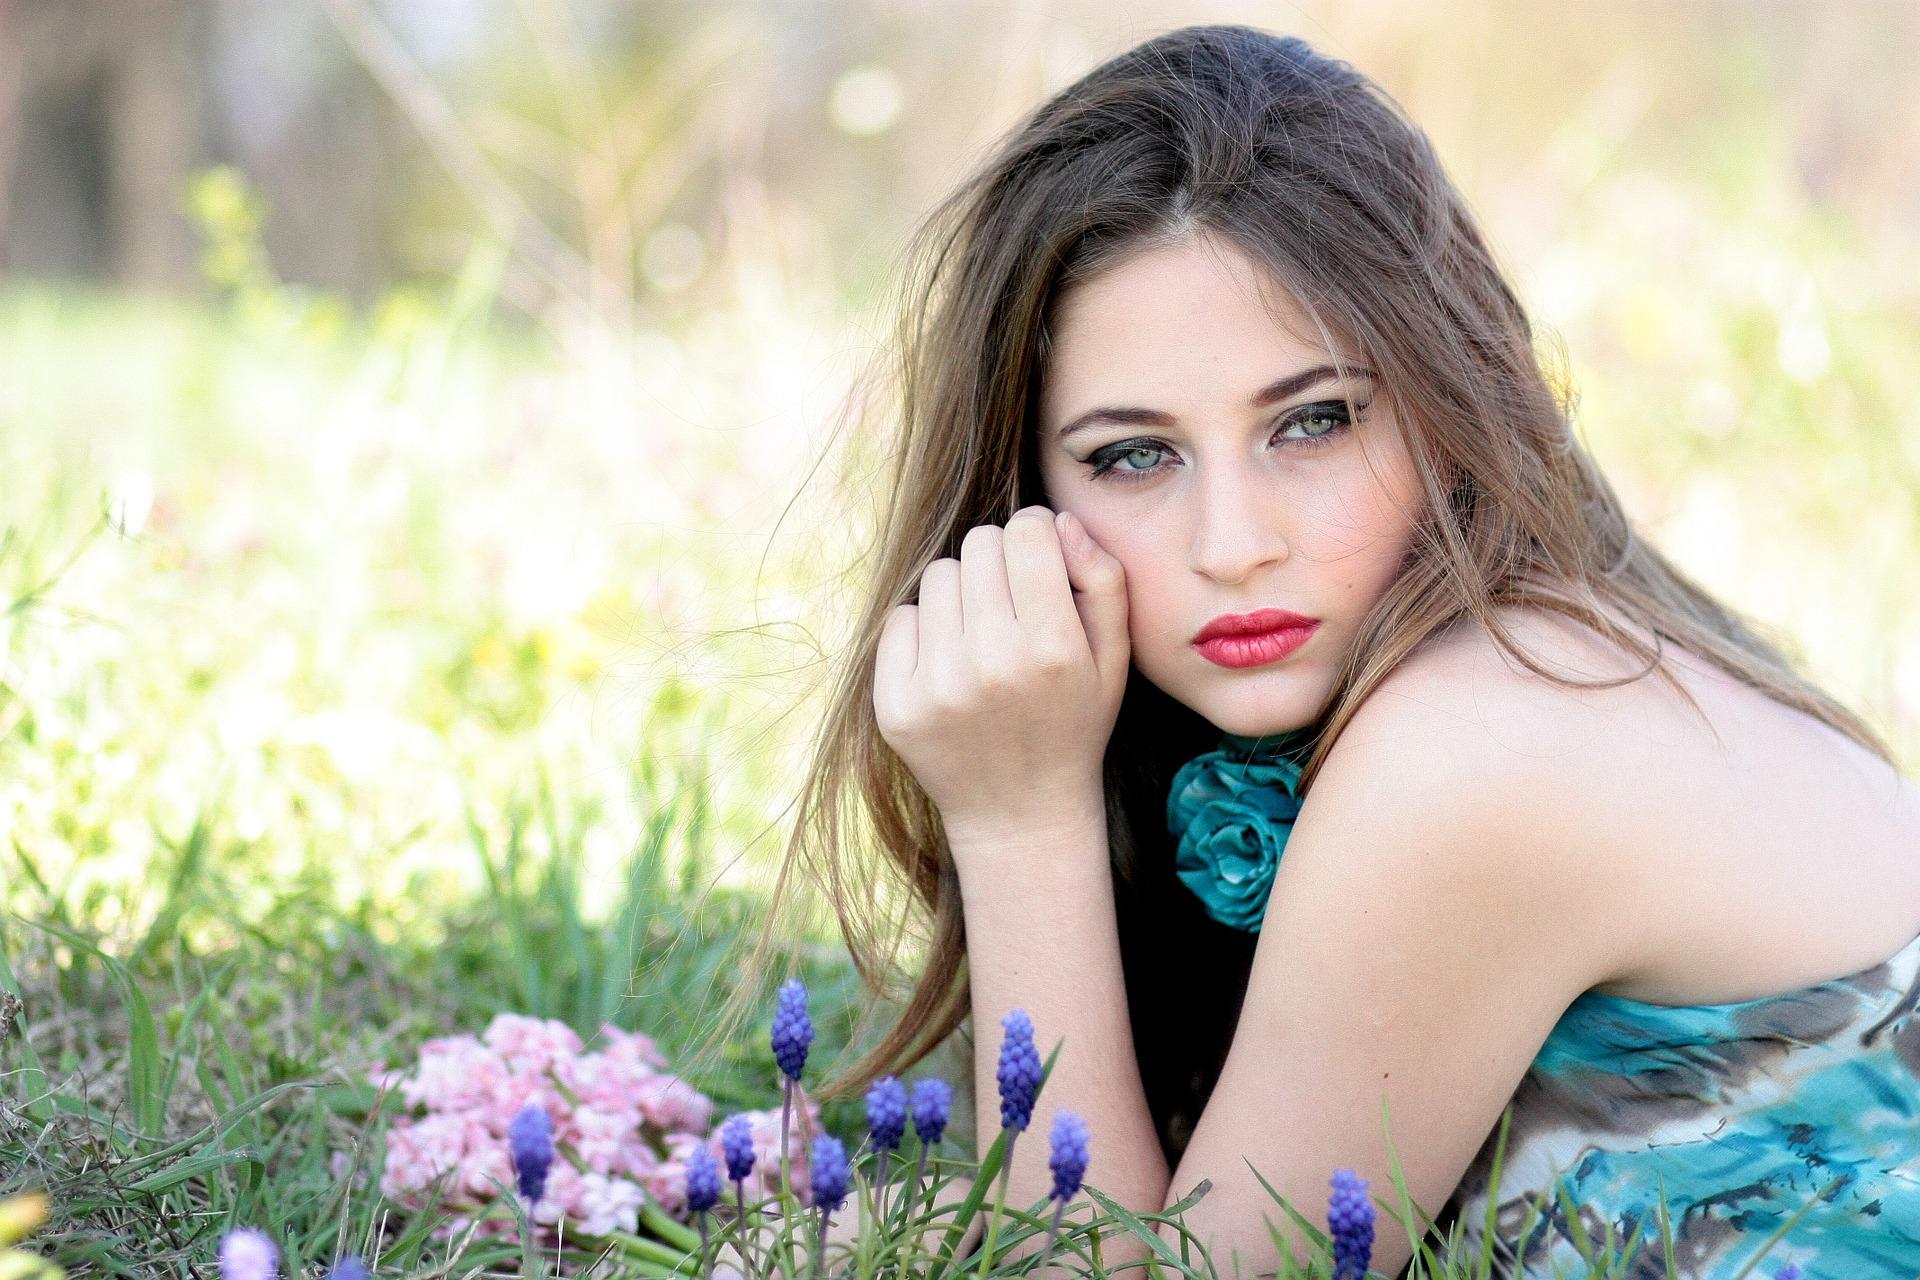 girl-1532733_1920.jpg